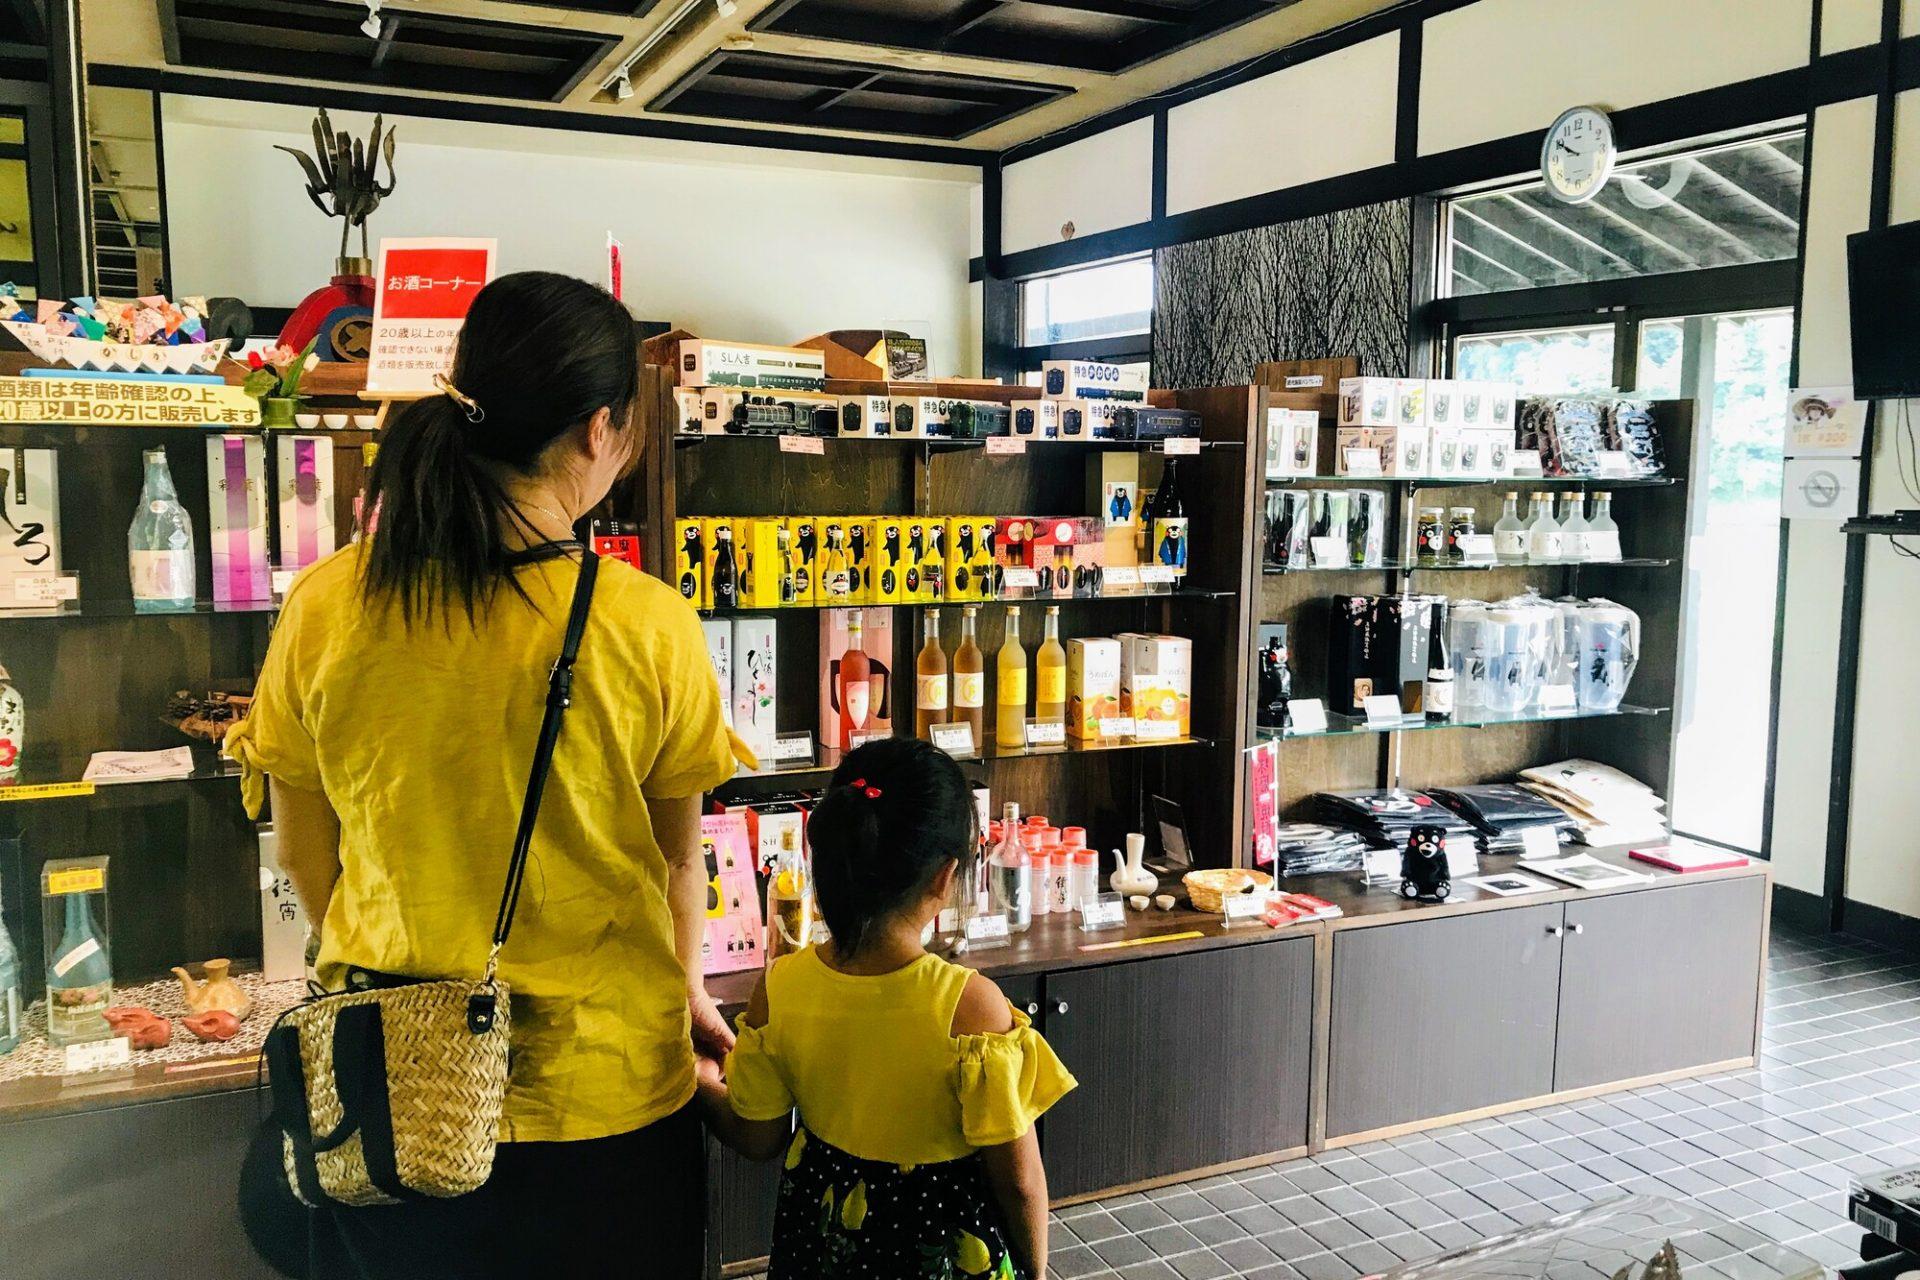 熊本県 人吉市 球磨川 くだり 九州 観光 旅行